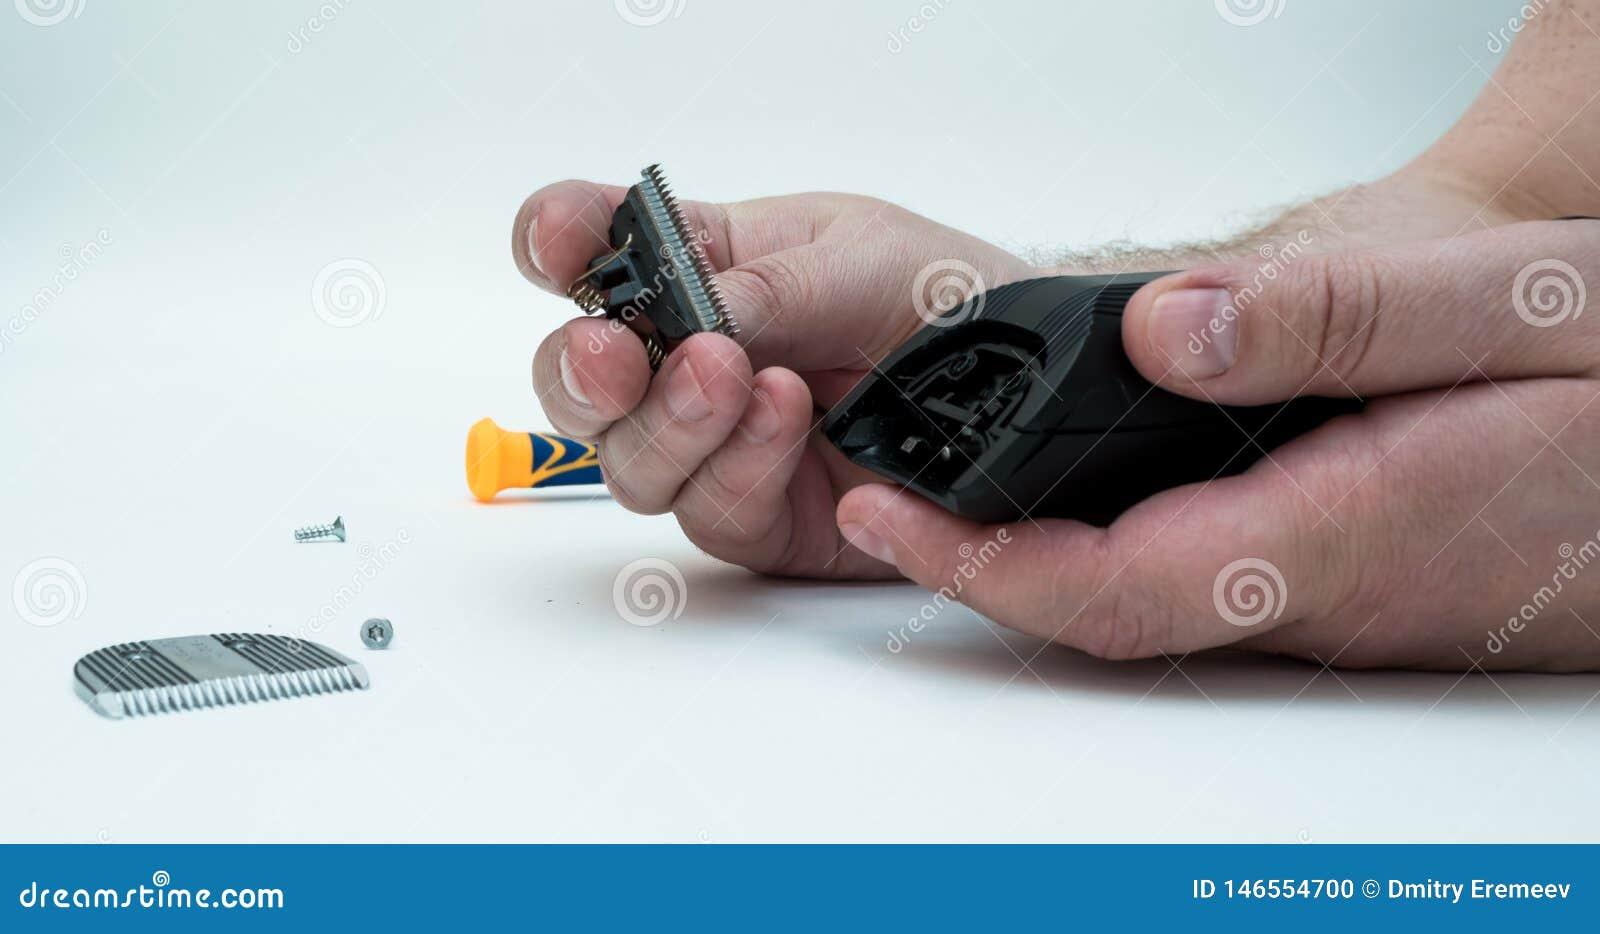 Händerna av män demonterade nagelsaxen och håret för maskinclipperreparation